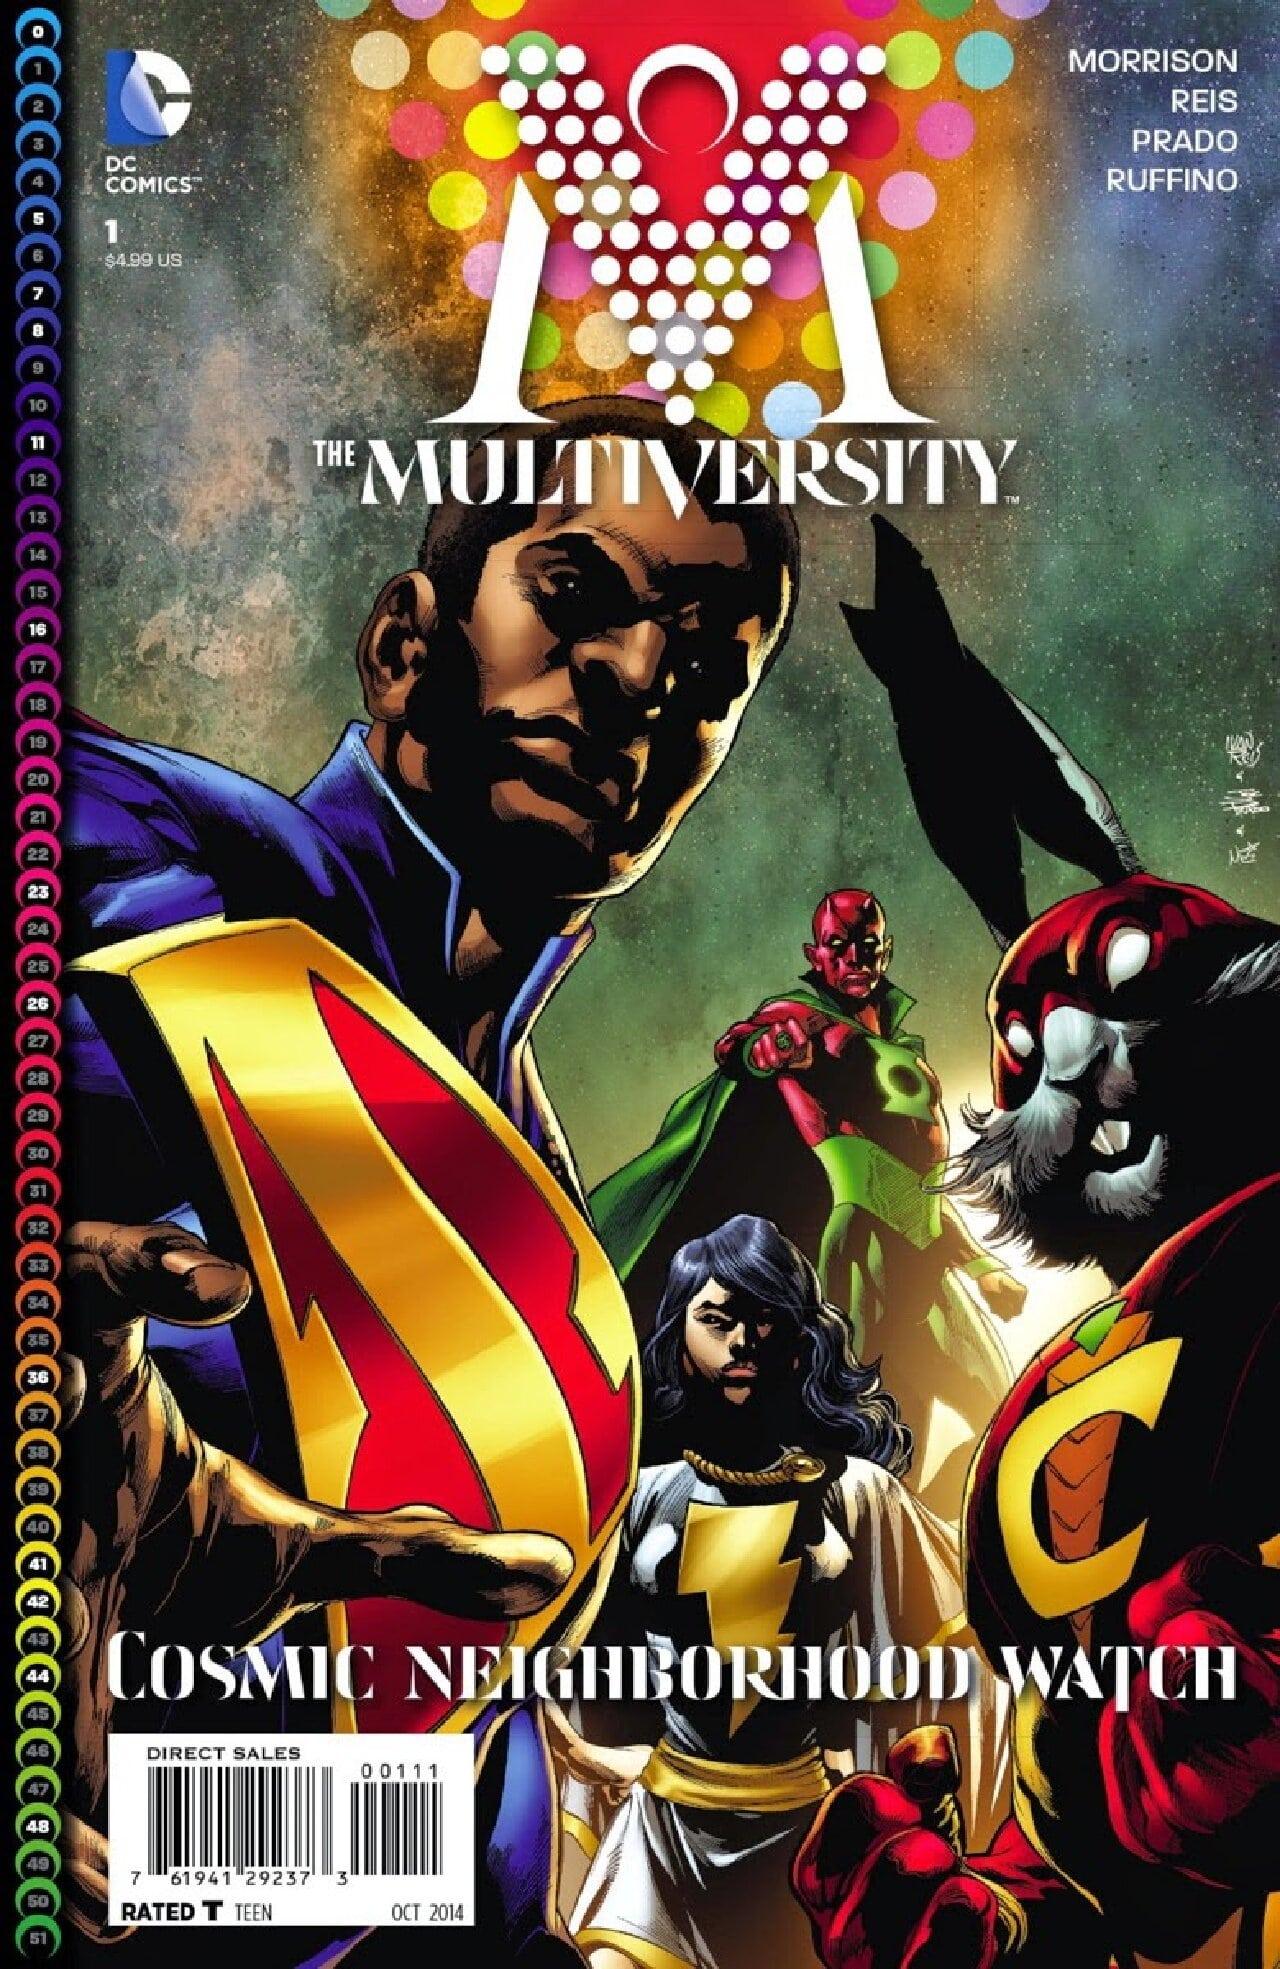 calvin ellis superman negro multiversity